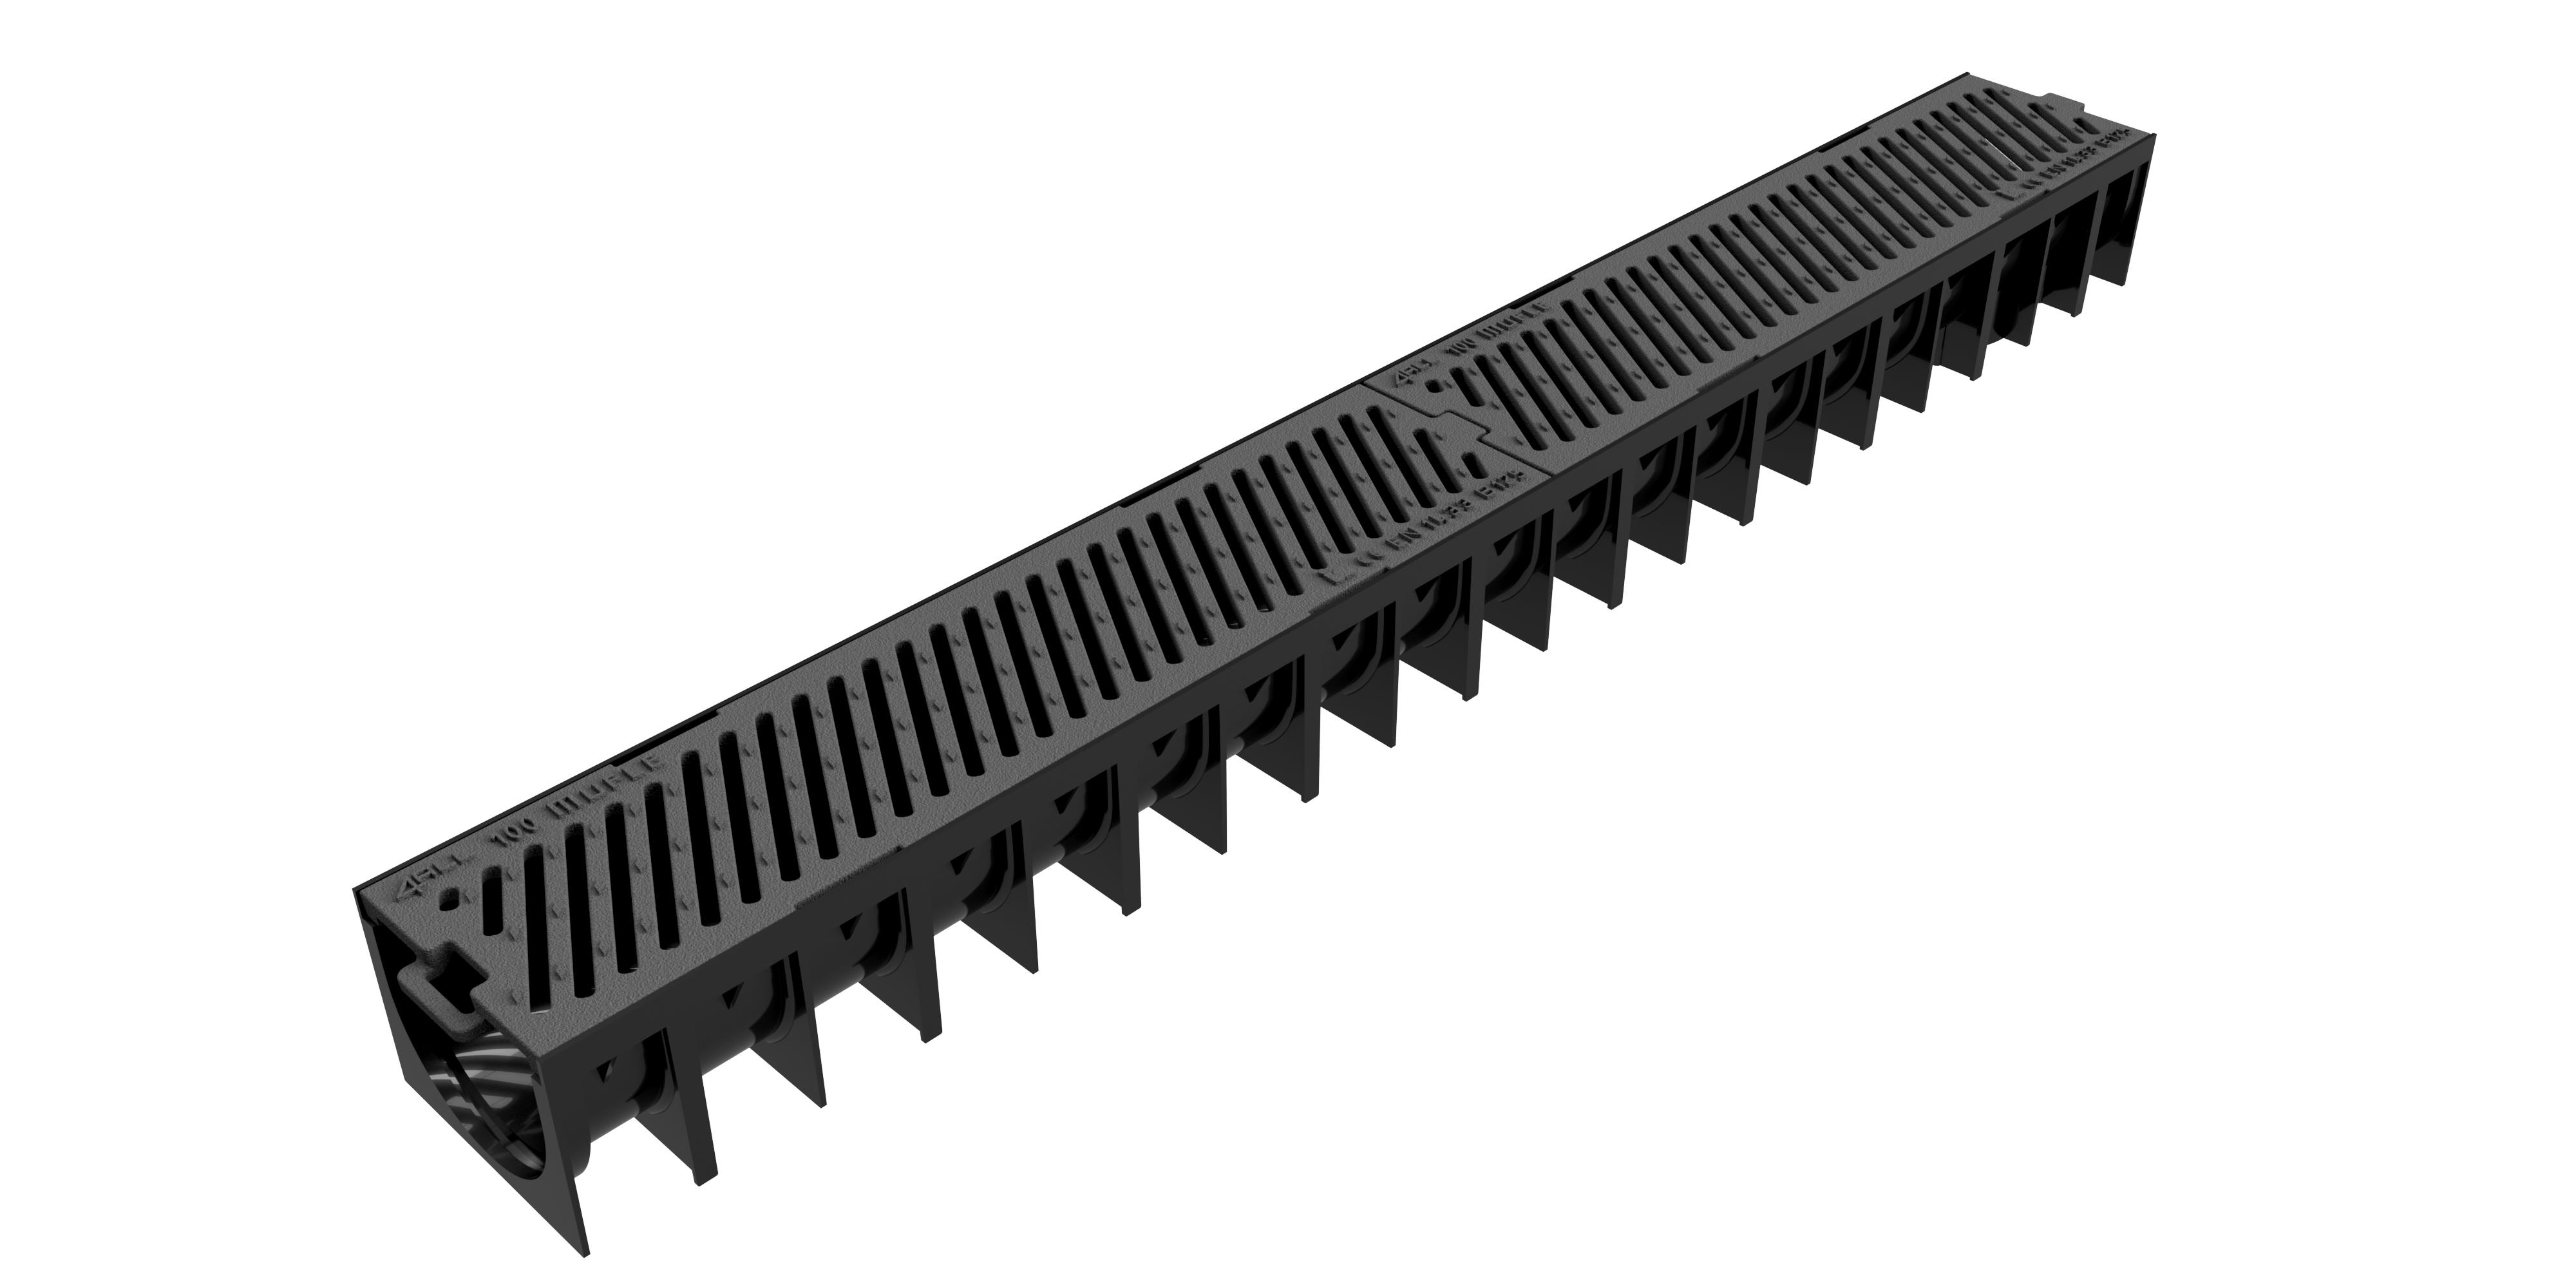 Render del canal MUFLE 4ALL H92 en polipropileno negro con reja pasarela de fundición clase de carga B125.